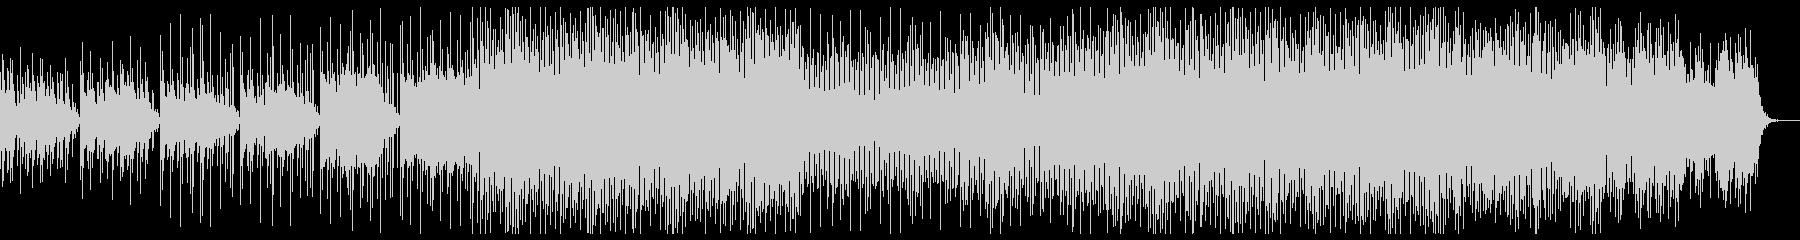 80年代レトロなテクノBGMの未再生の波形